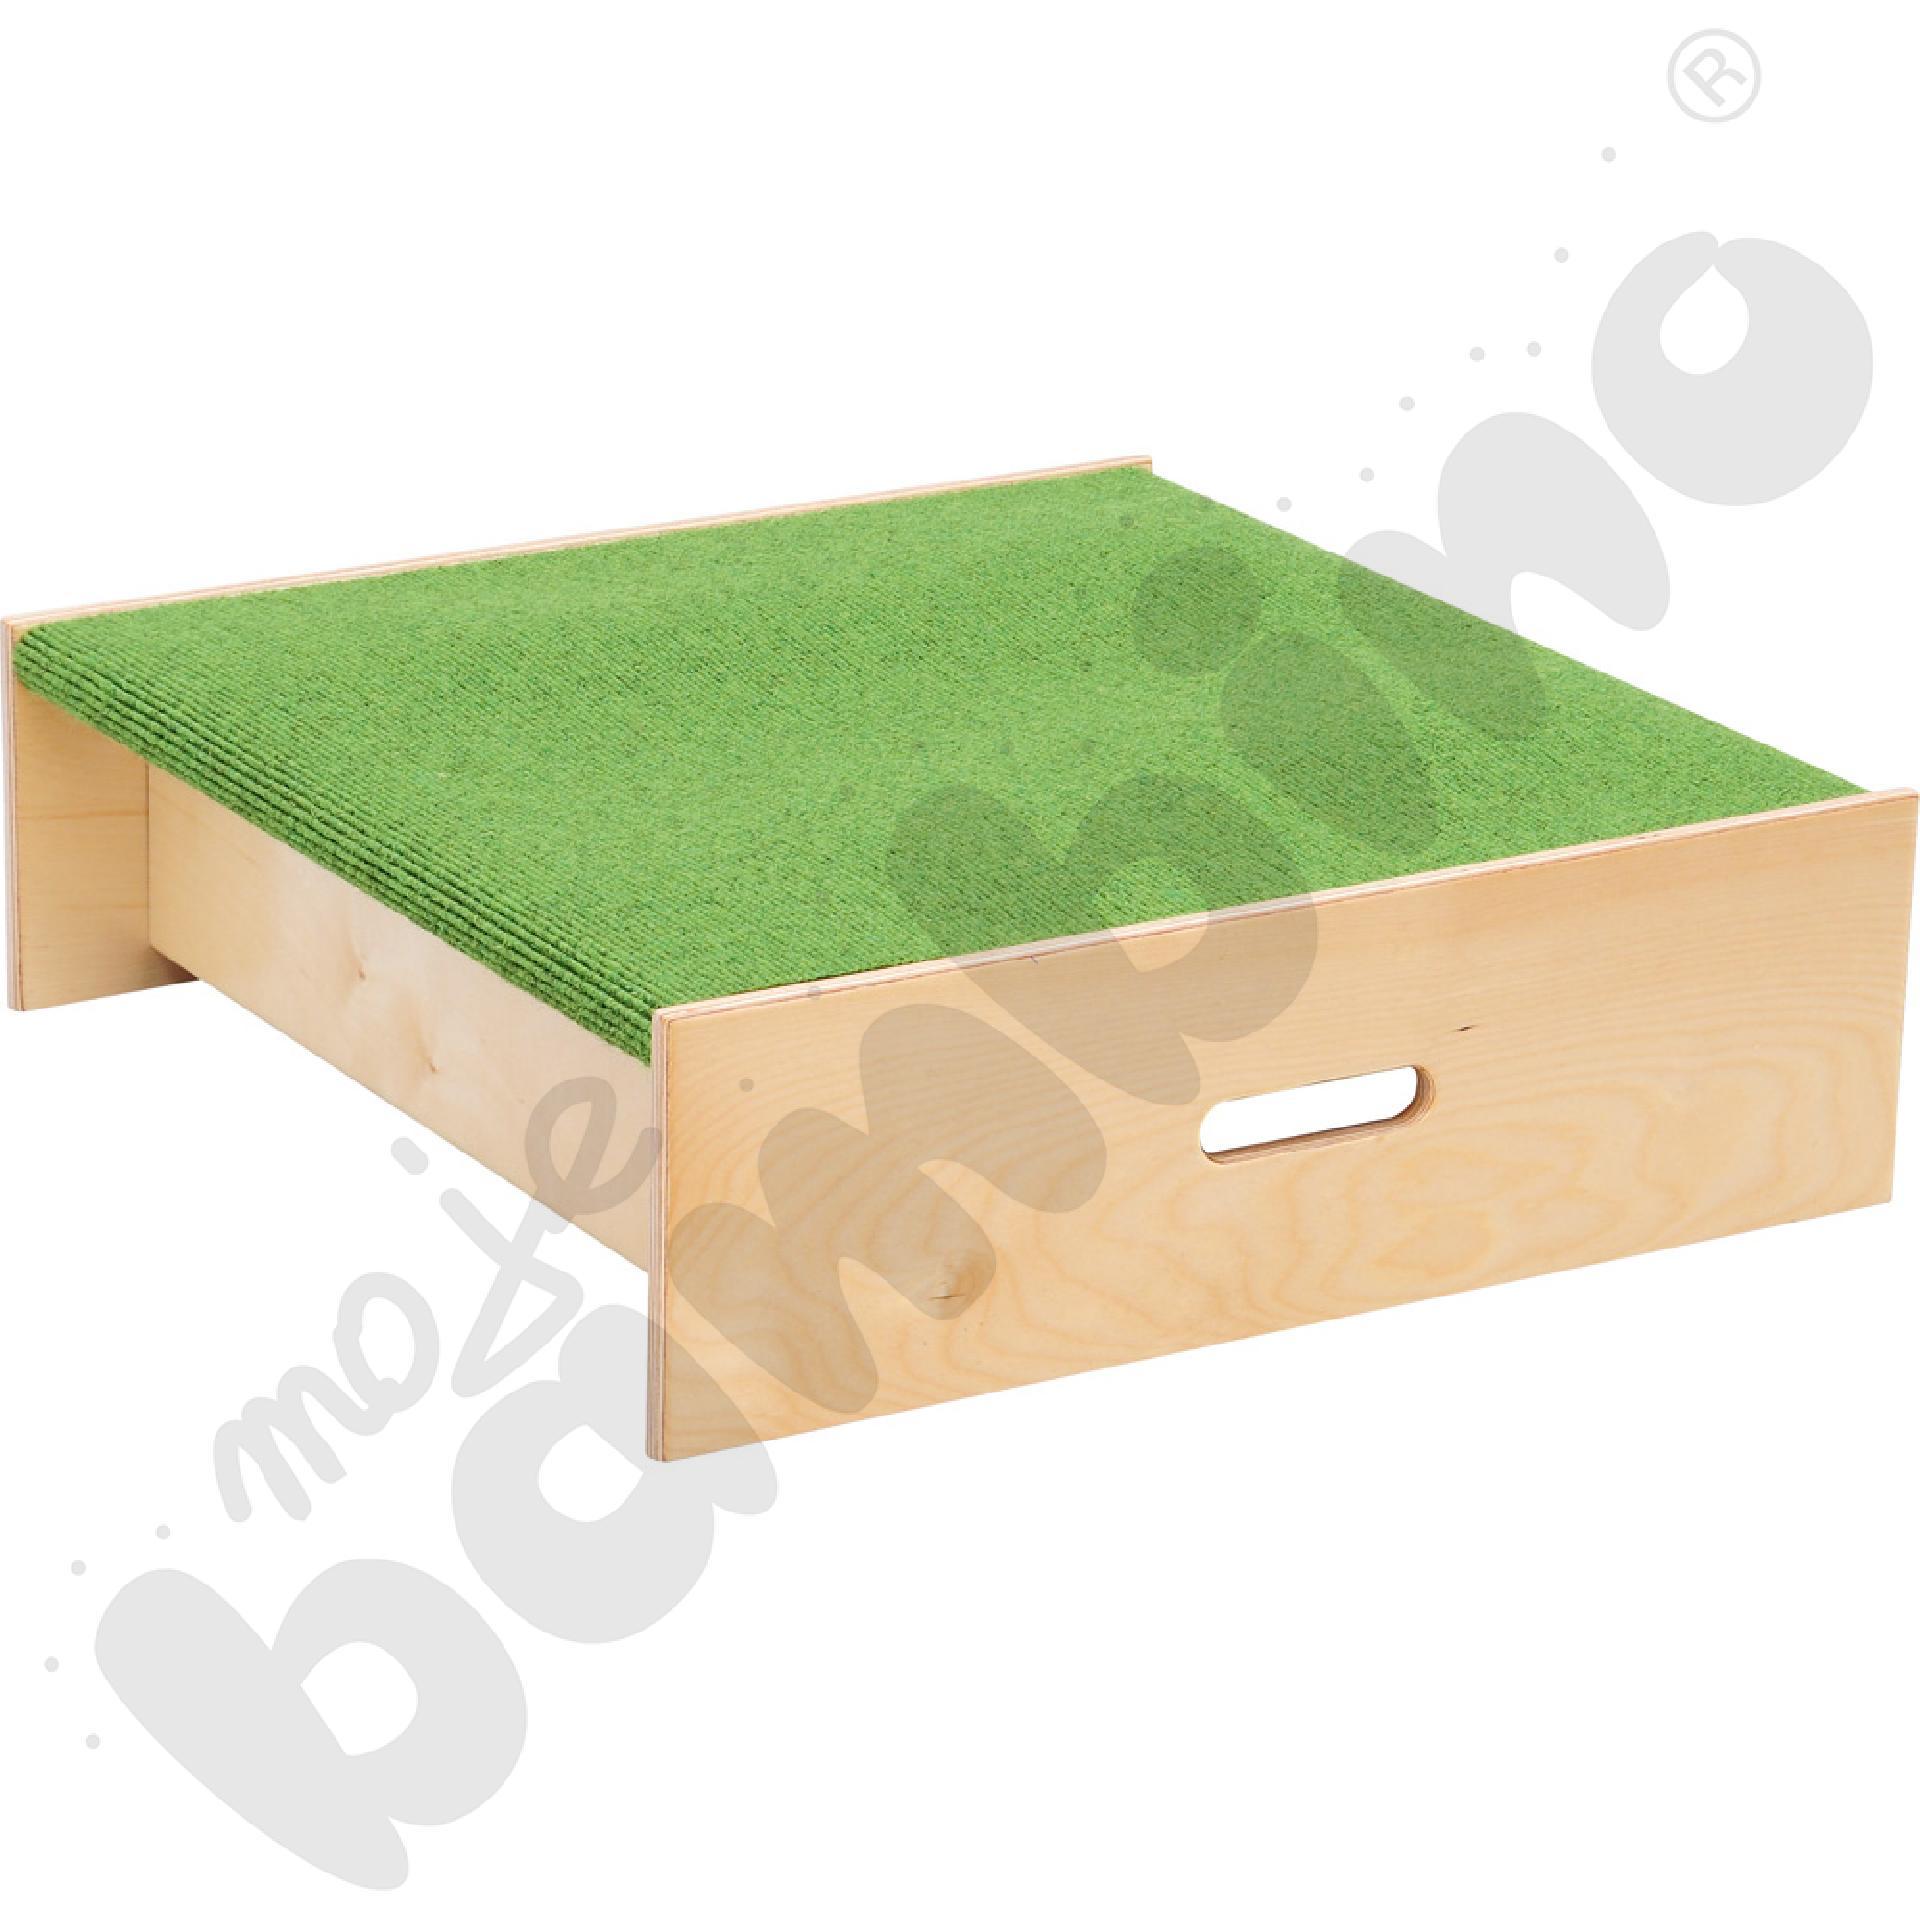 Podest kwadrat - wys. 20 cm zielony